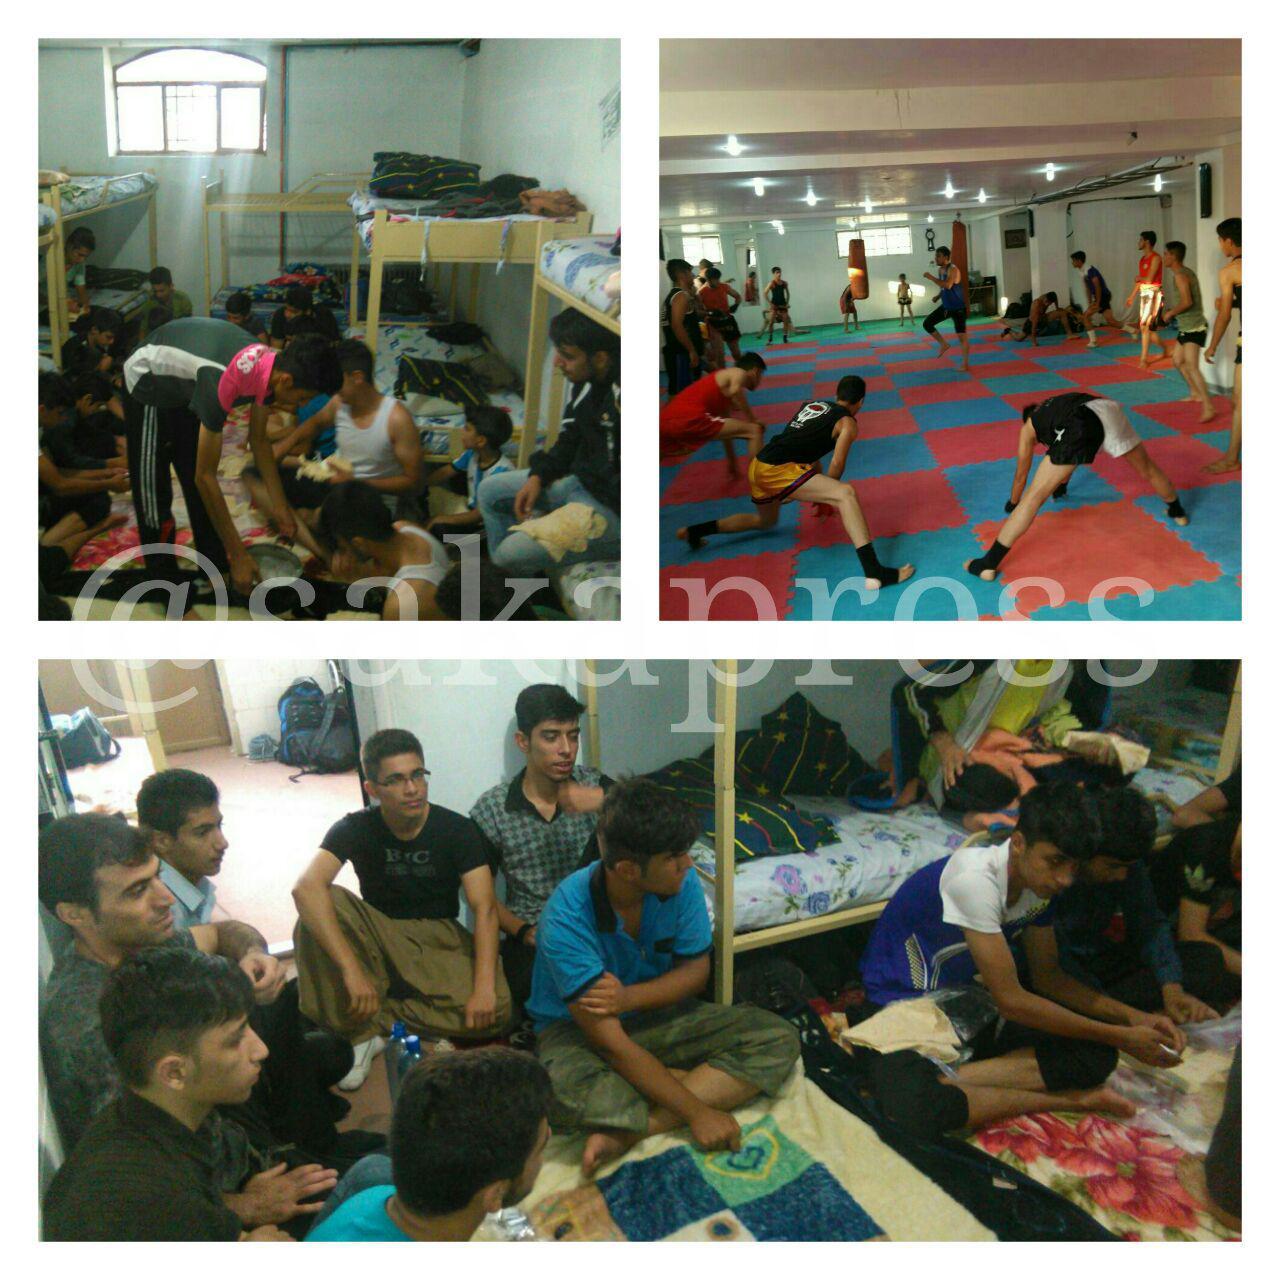 اردو و تمرین مشترک تیم منتخب استان کردستان با ورزشکاران باشگاه ایمان